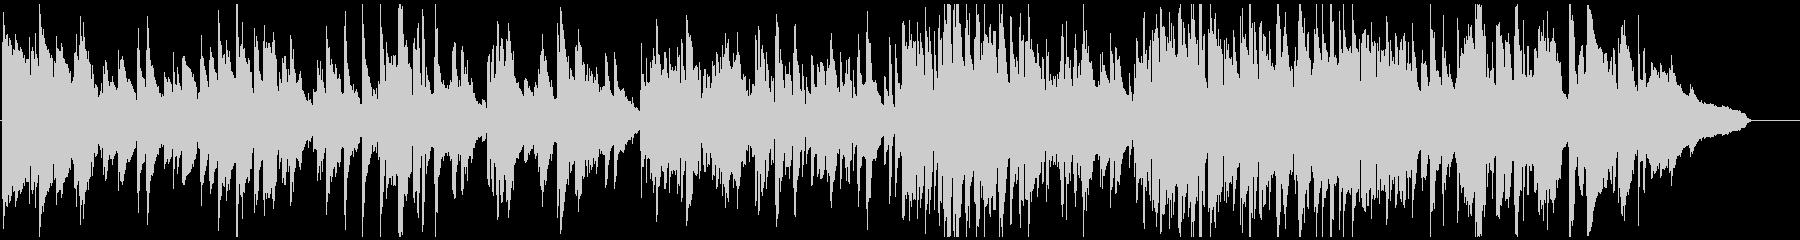 リラックス・ムードのエレガントなサックスの未再生の波形